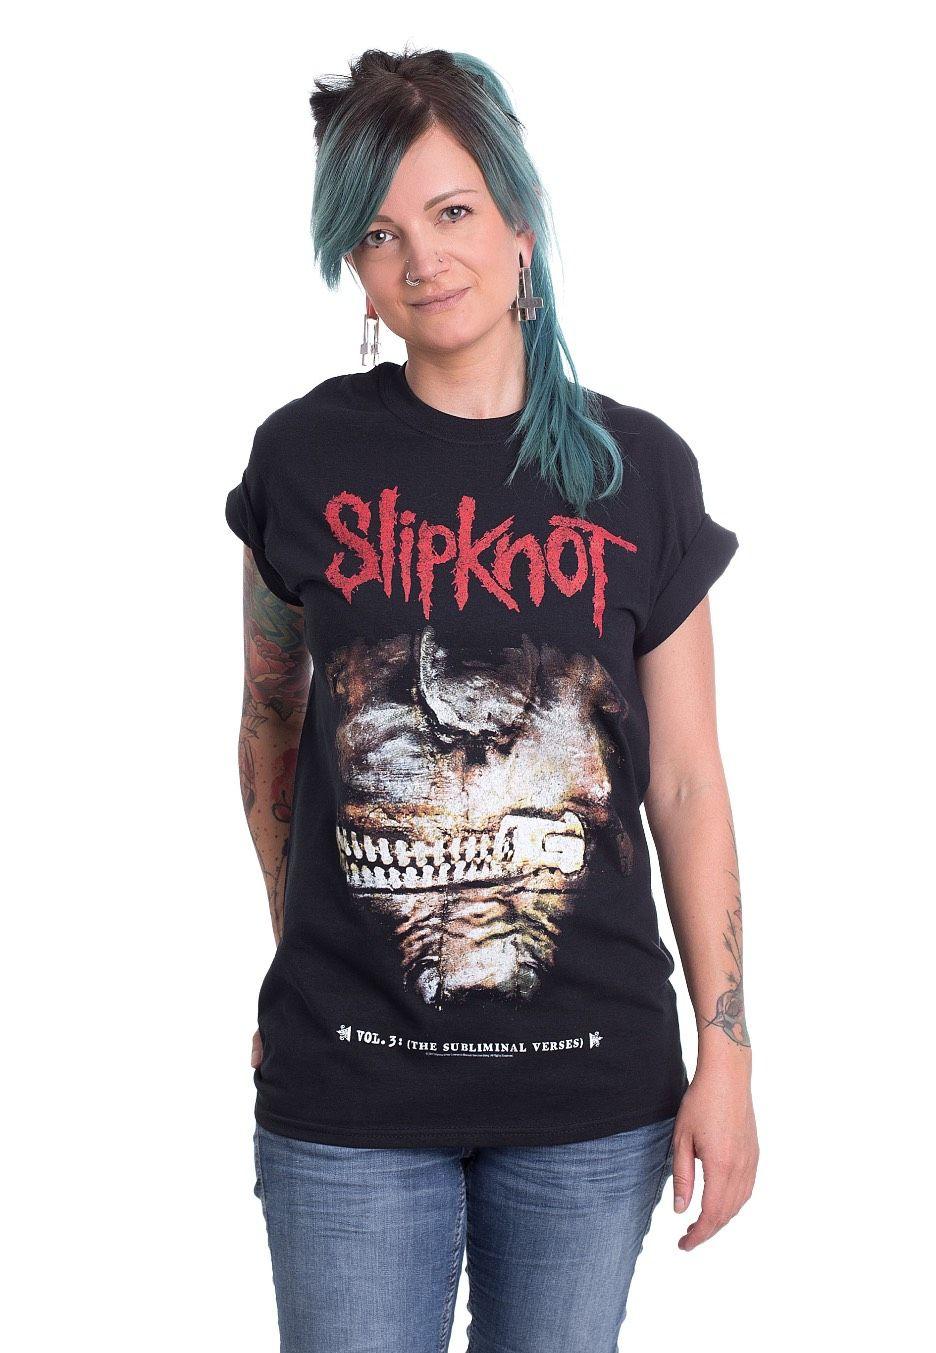 Commandez Slipknot - Vol. 3 Album - T-Shirt pour 16,99€ (16/08/2017) sur la boutique en ligne de Française Impericon de super qualité.